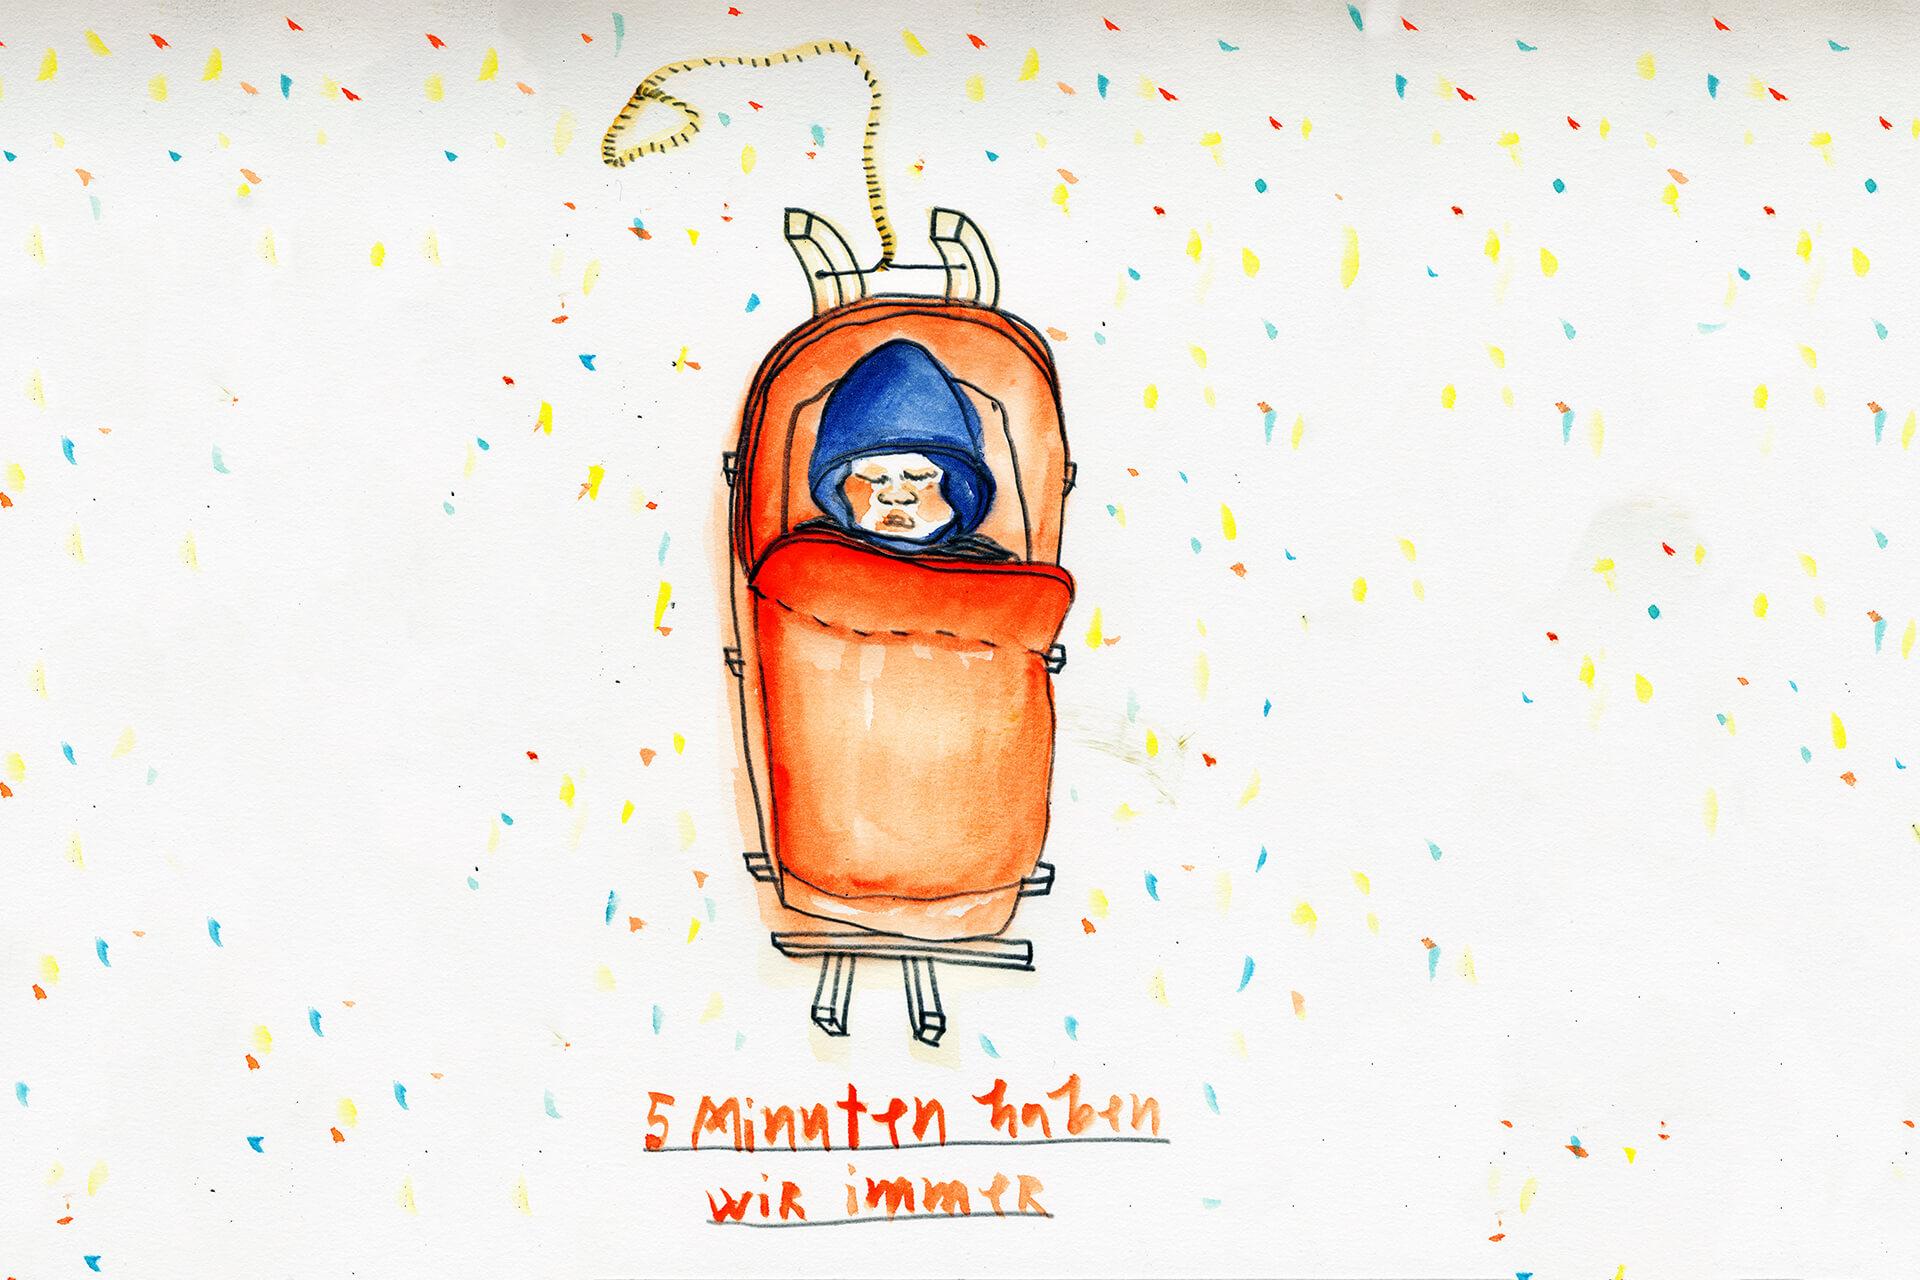 Matrosenhunde, Wochenkalender, Illustration Berlin, text, handlettering, Handschrift, Baby, Schlitten, Schlittenfahren, Winter, Schnee, HYgge, hyggelig, warm, gemütlich, zeichnung